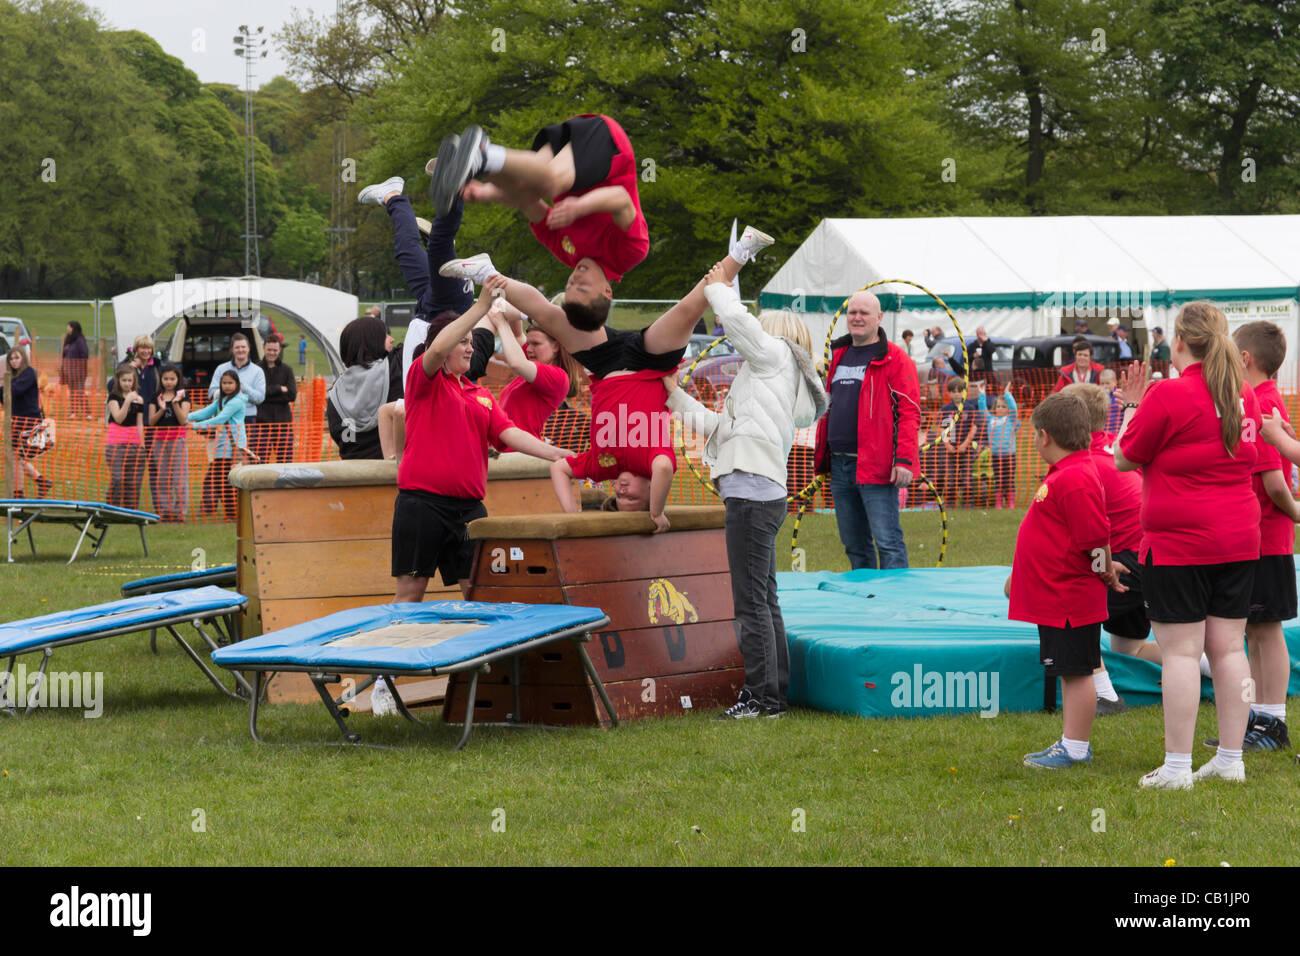 Domingo 20 de mayo de 2012, Witton Country Park, Blackburn de Inglaterra. Los jóvenes de la Fleetwood basado Imagen De Stock